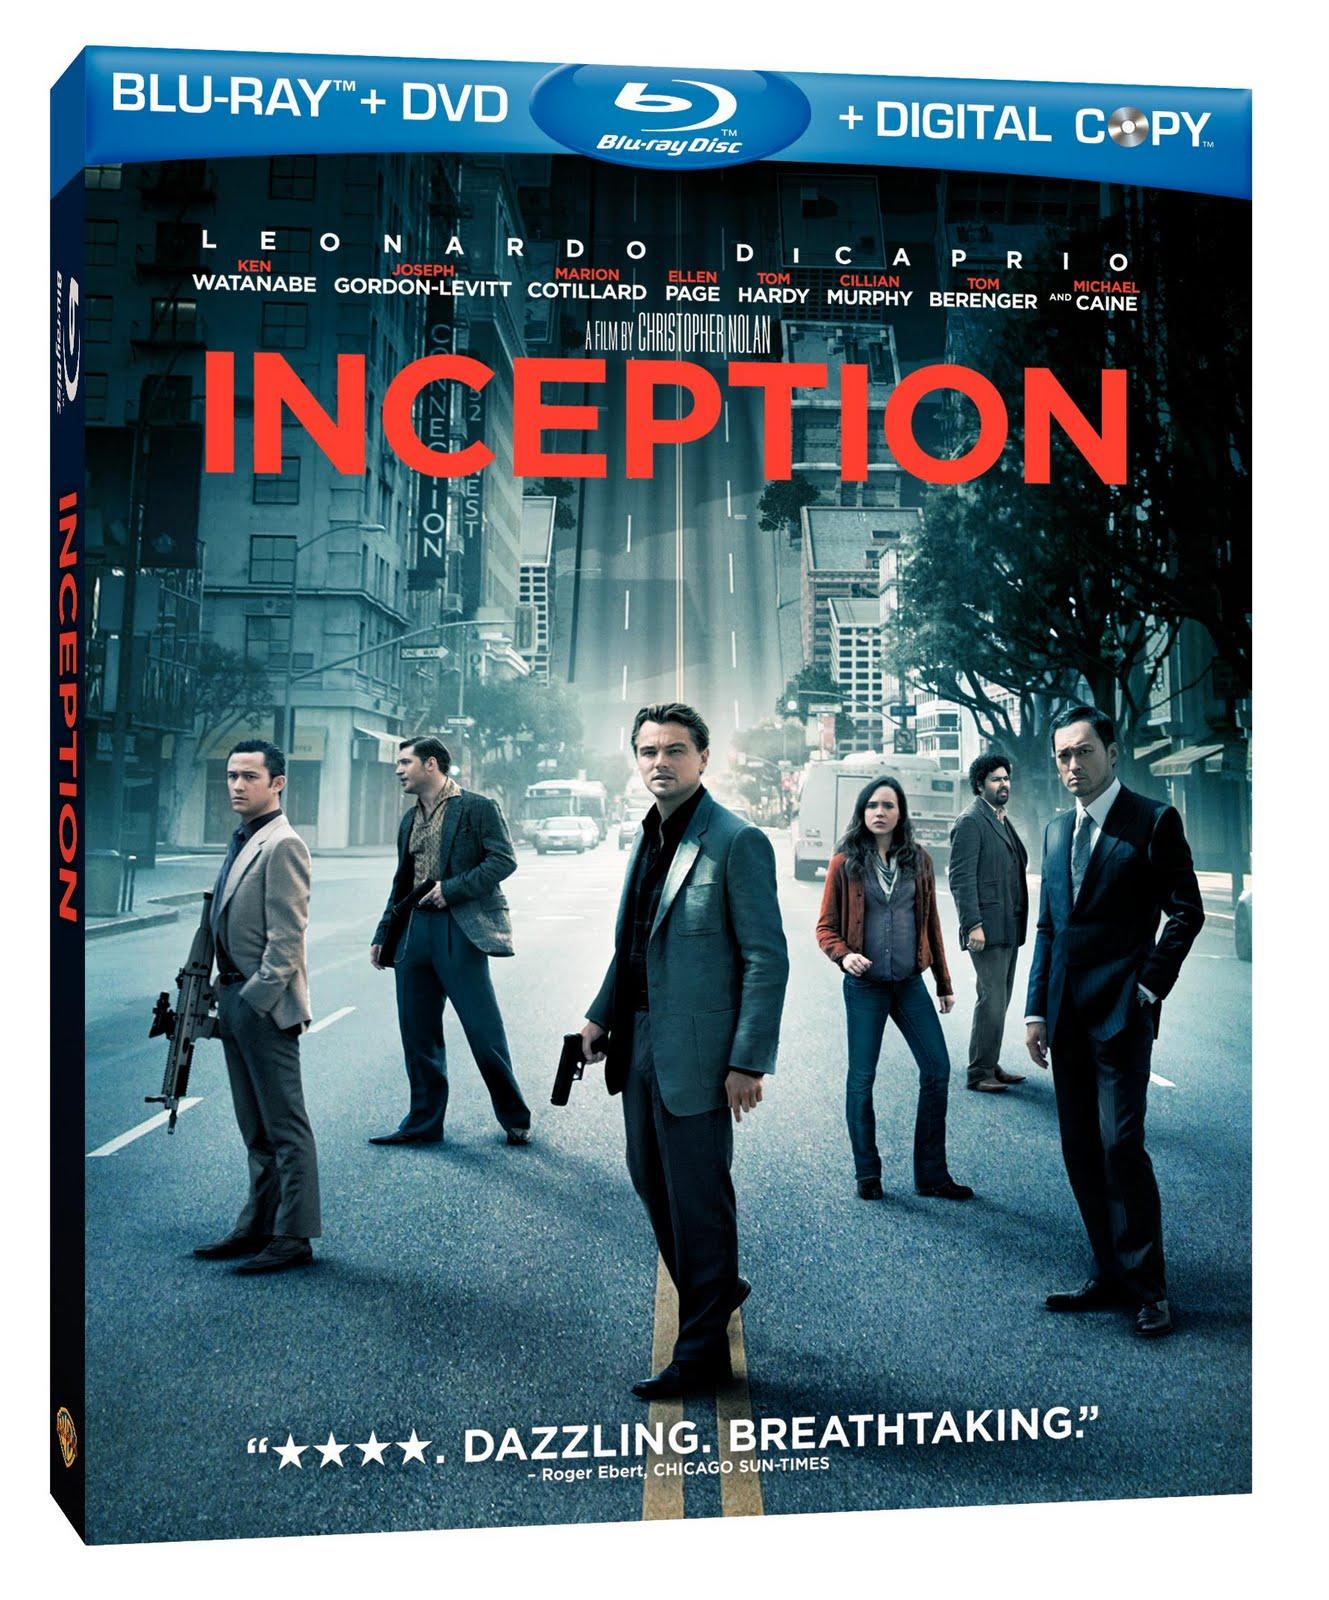 http://3.bp.blogspot.com/_aqePZ2gWpfs/TRFyiQMWIeI/AAAAAAAABmA/Qf6vgVFLsjw/s1600/Inception-Blu-ray-cover-art.jpg